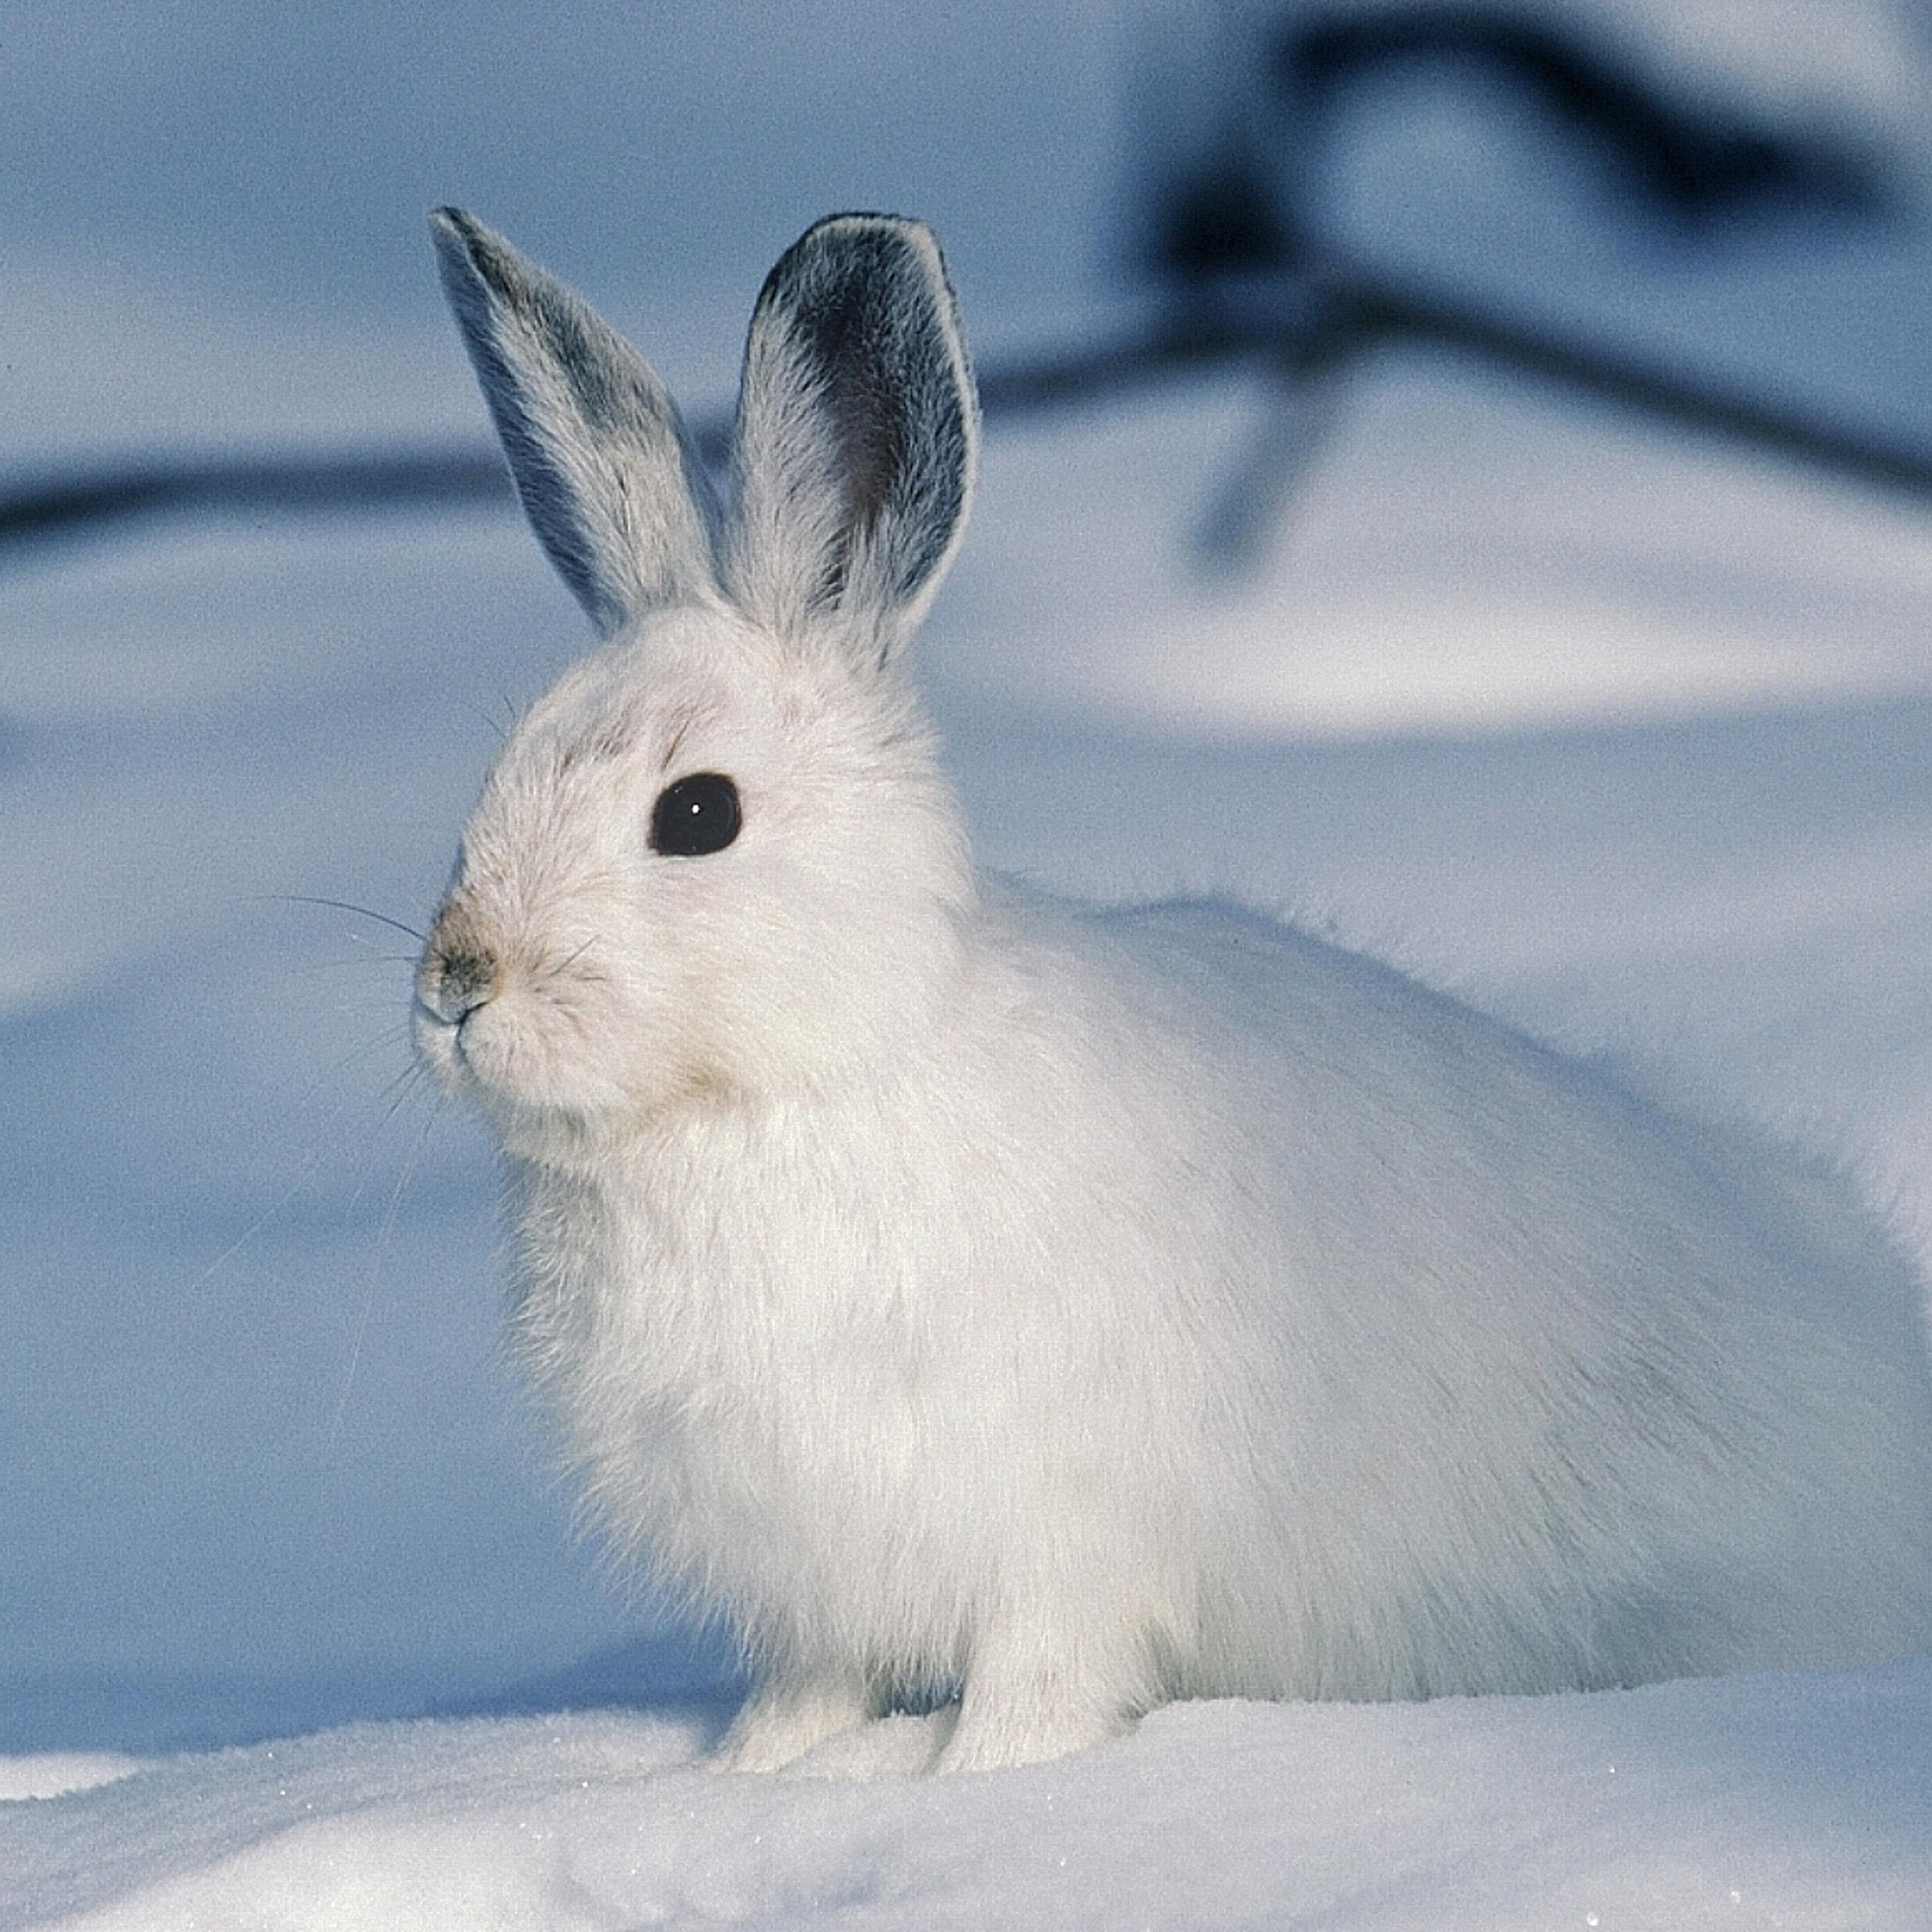 兔子 动物 雪白雪地